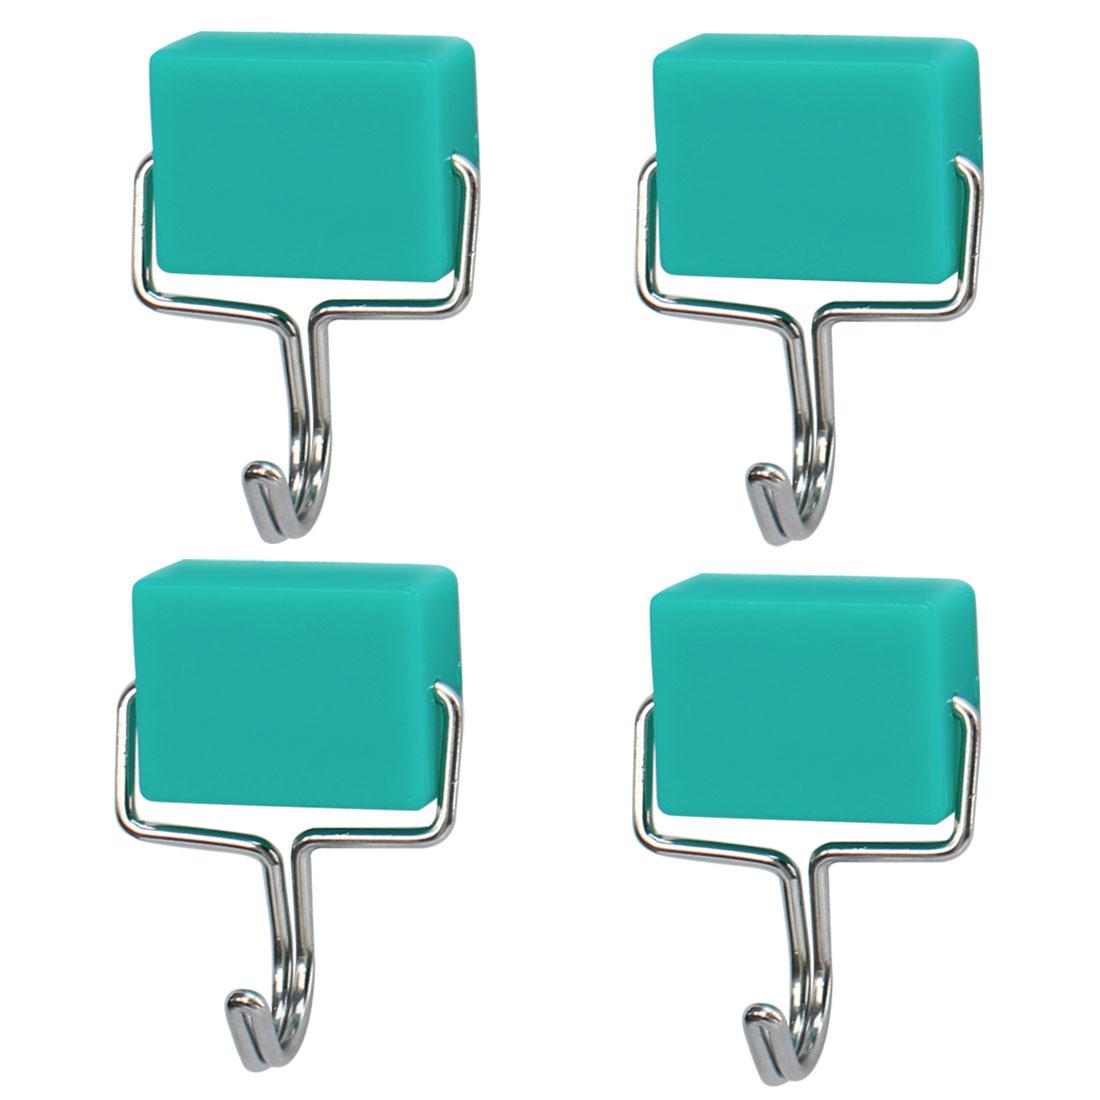 4pcs Magnetic Hook Stainless Steel Wall Hooks Hanger for Coat Hat Holder Green